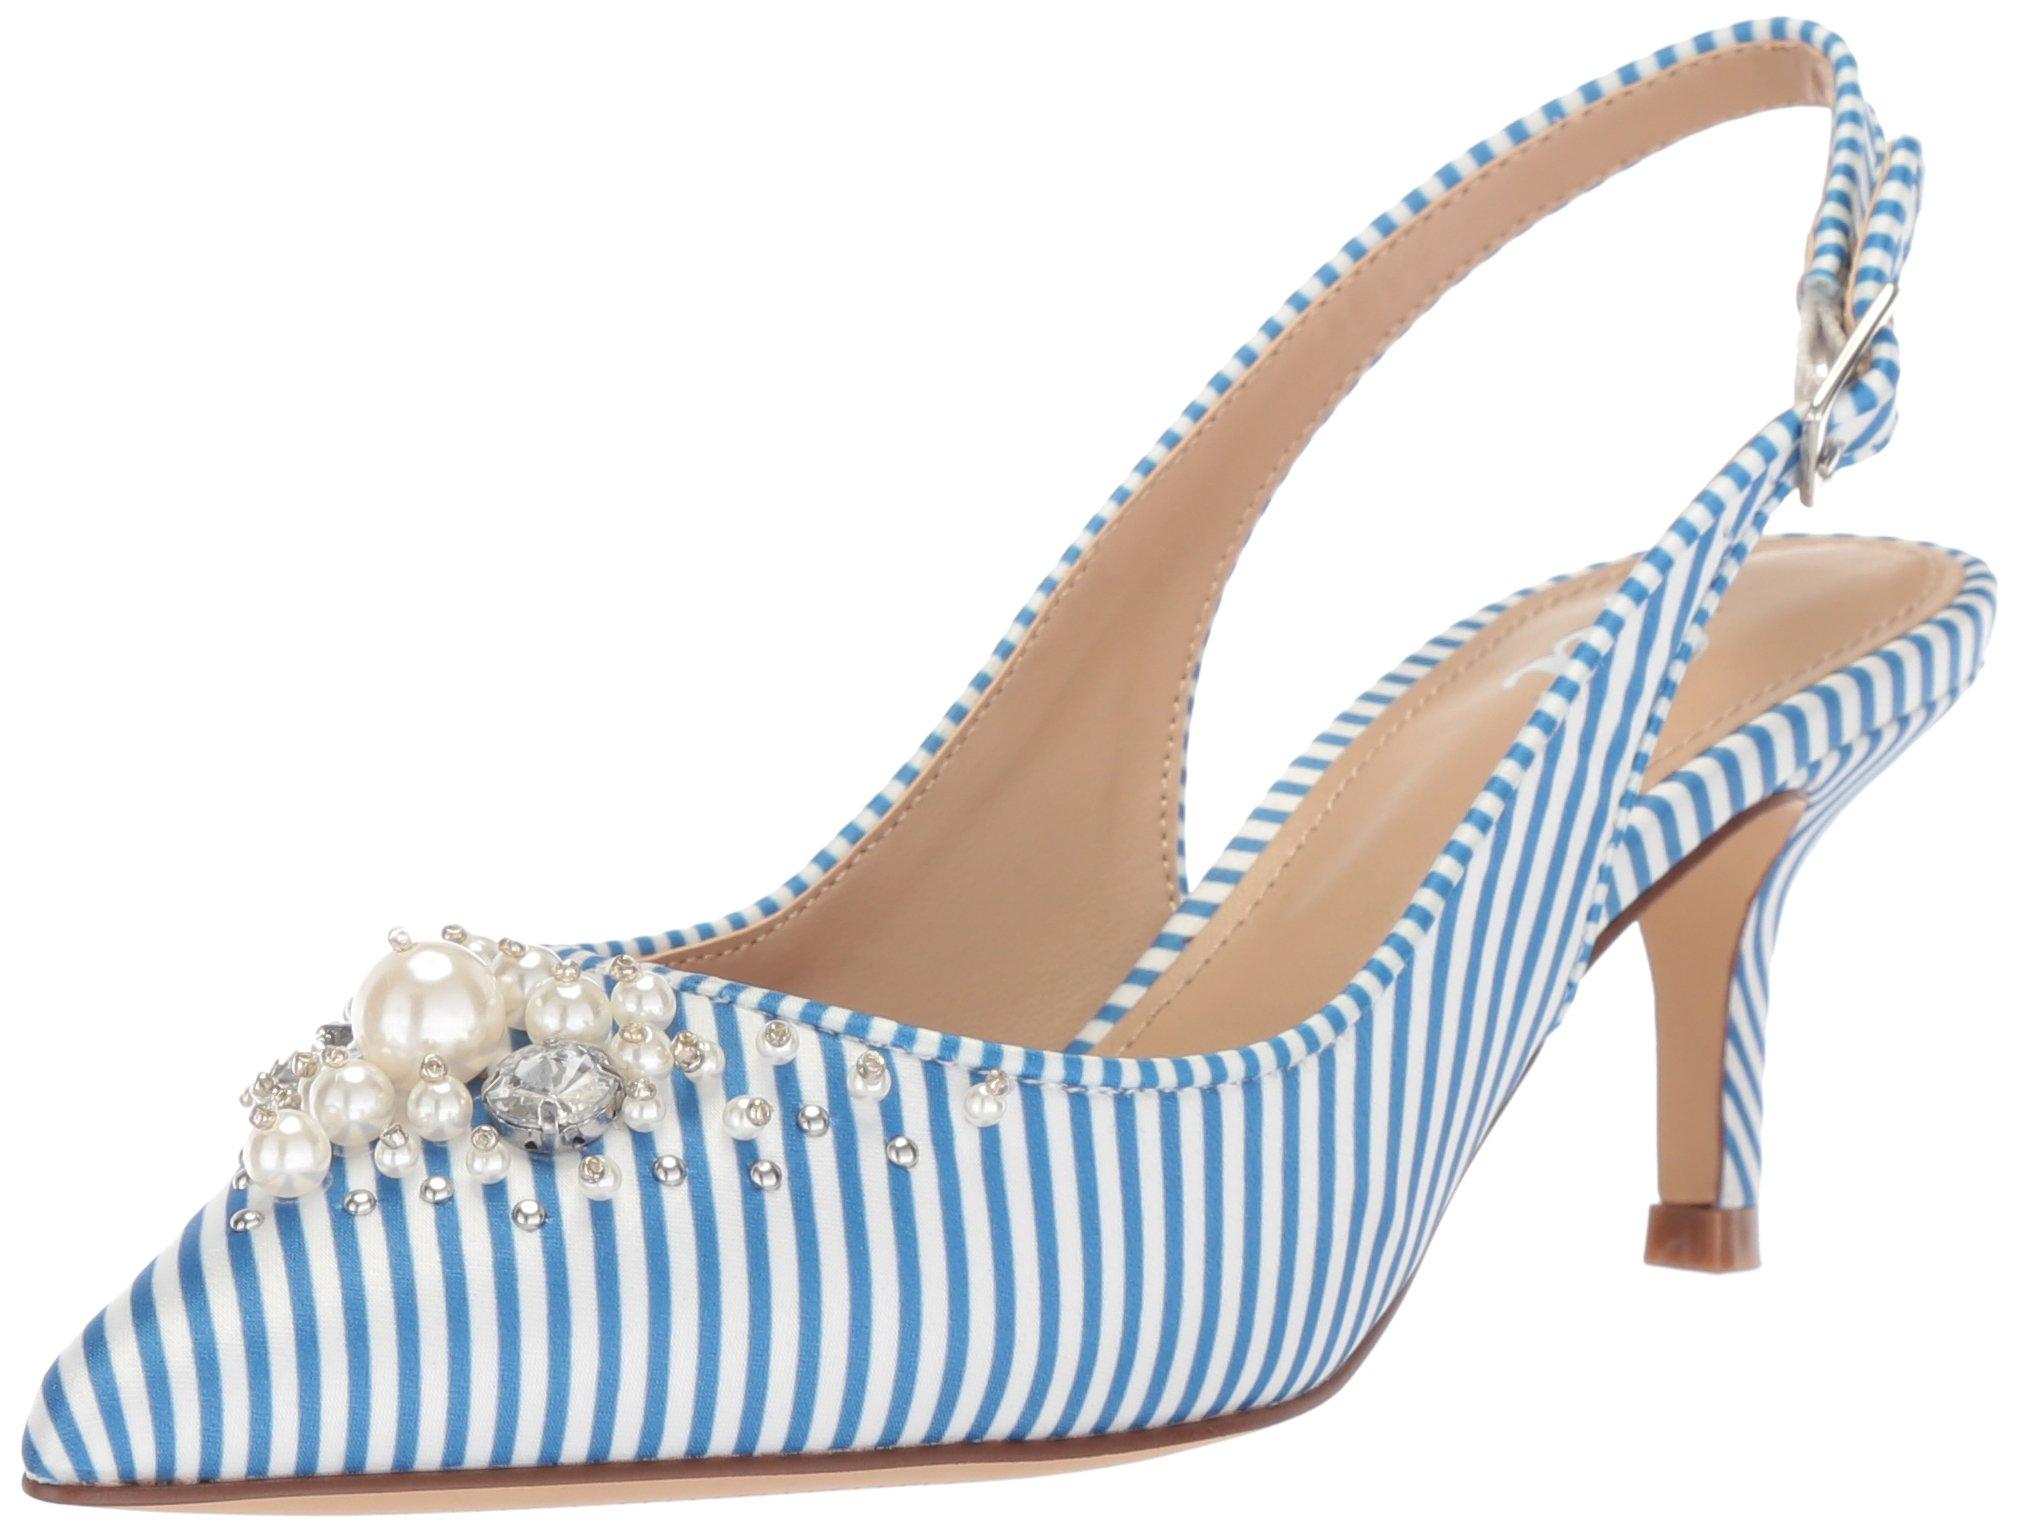 The Fix Women's Felicia Slingback Kitten Heel Pump with Pearls, Cielo Blue Stripe Satin, 9 B US